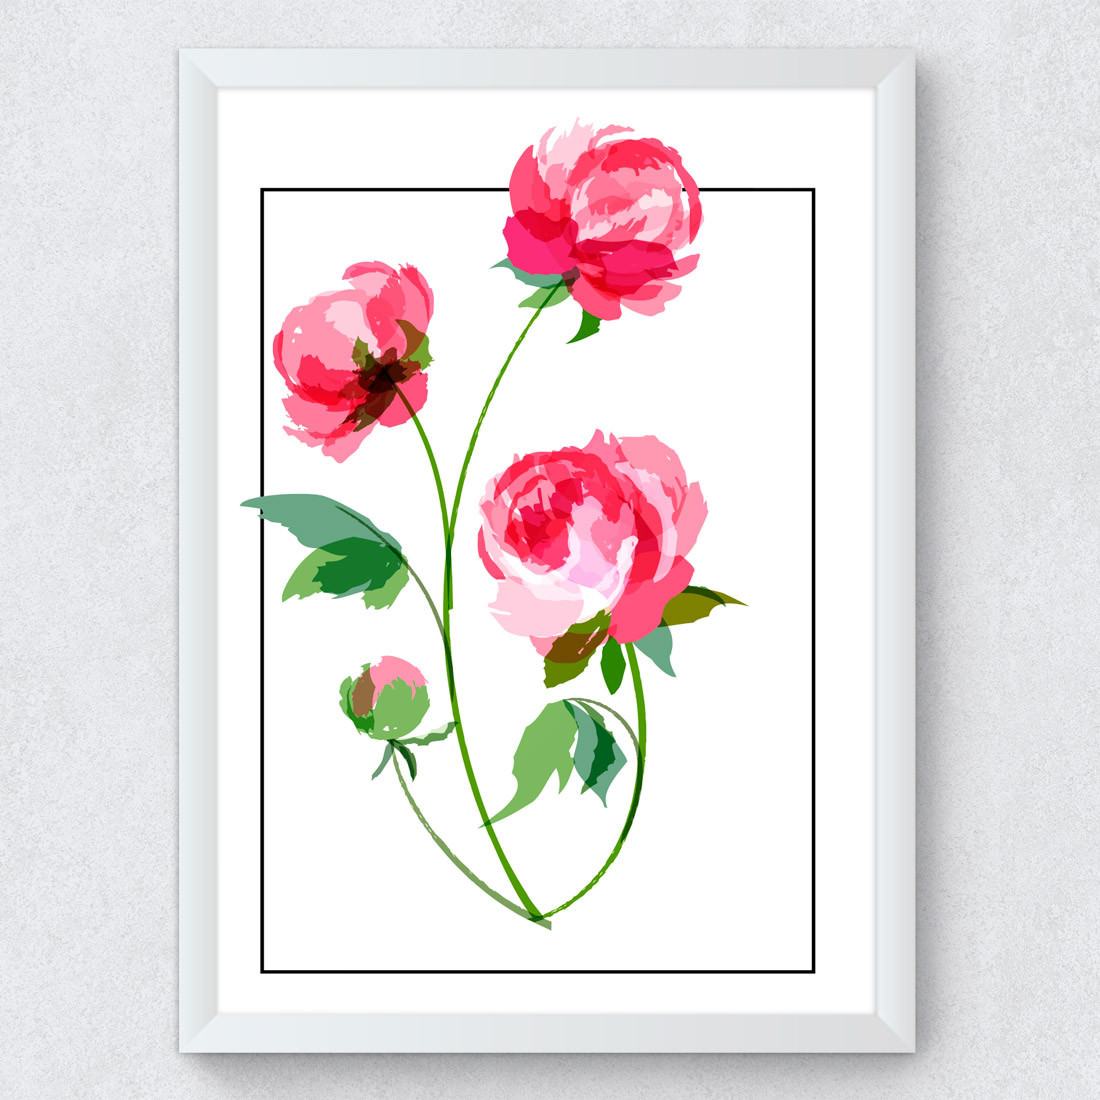 Quadro Decorativo Peônias Rosas